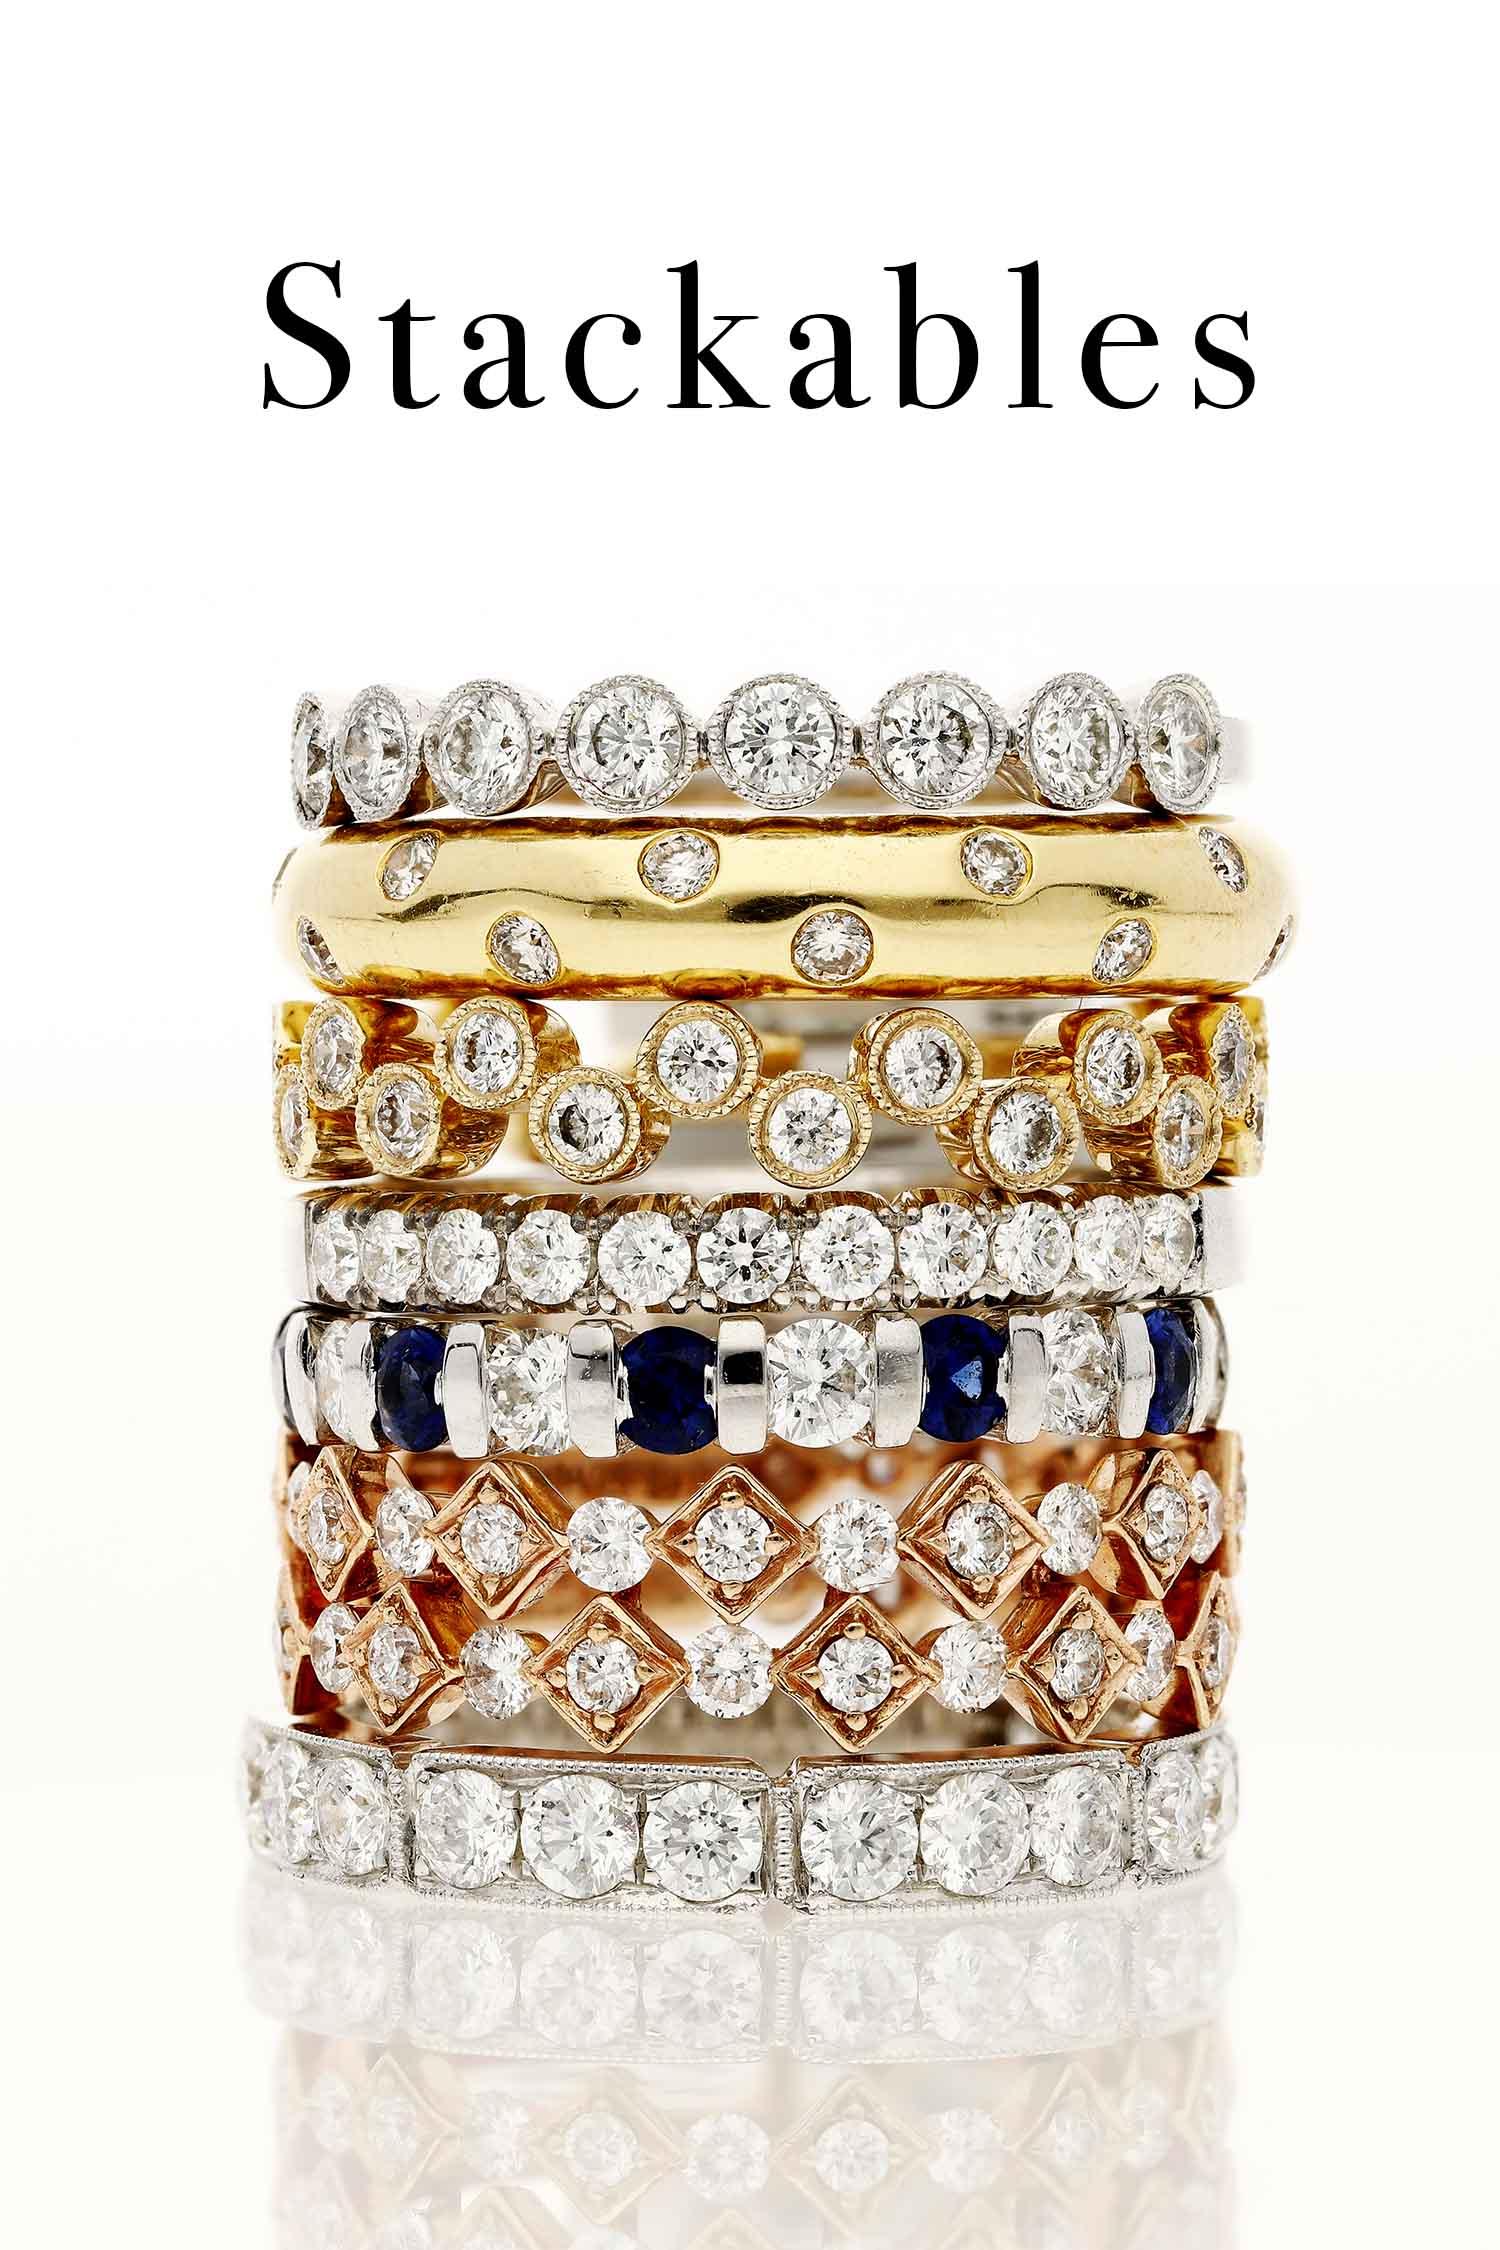 stackable-1